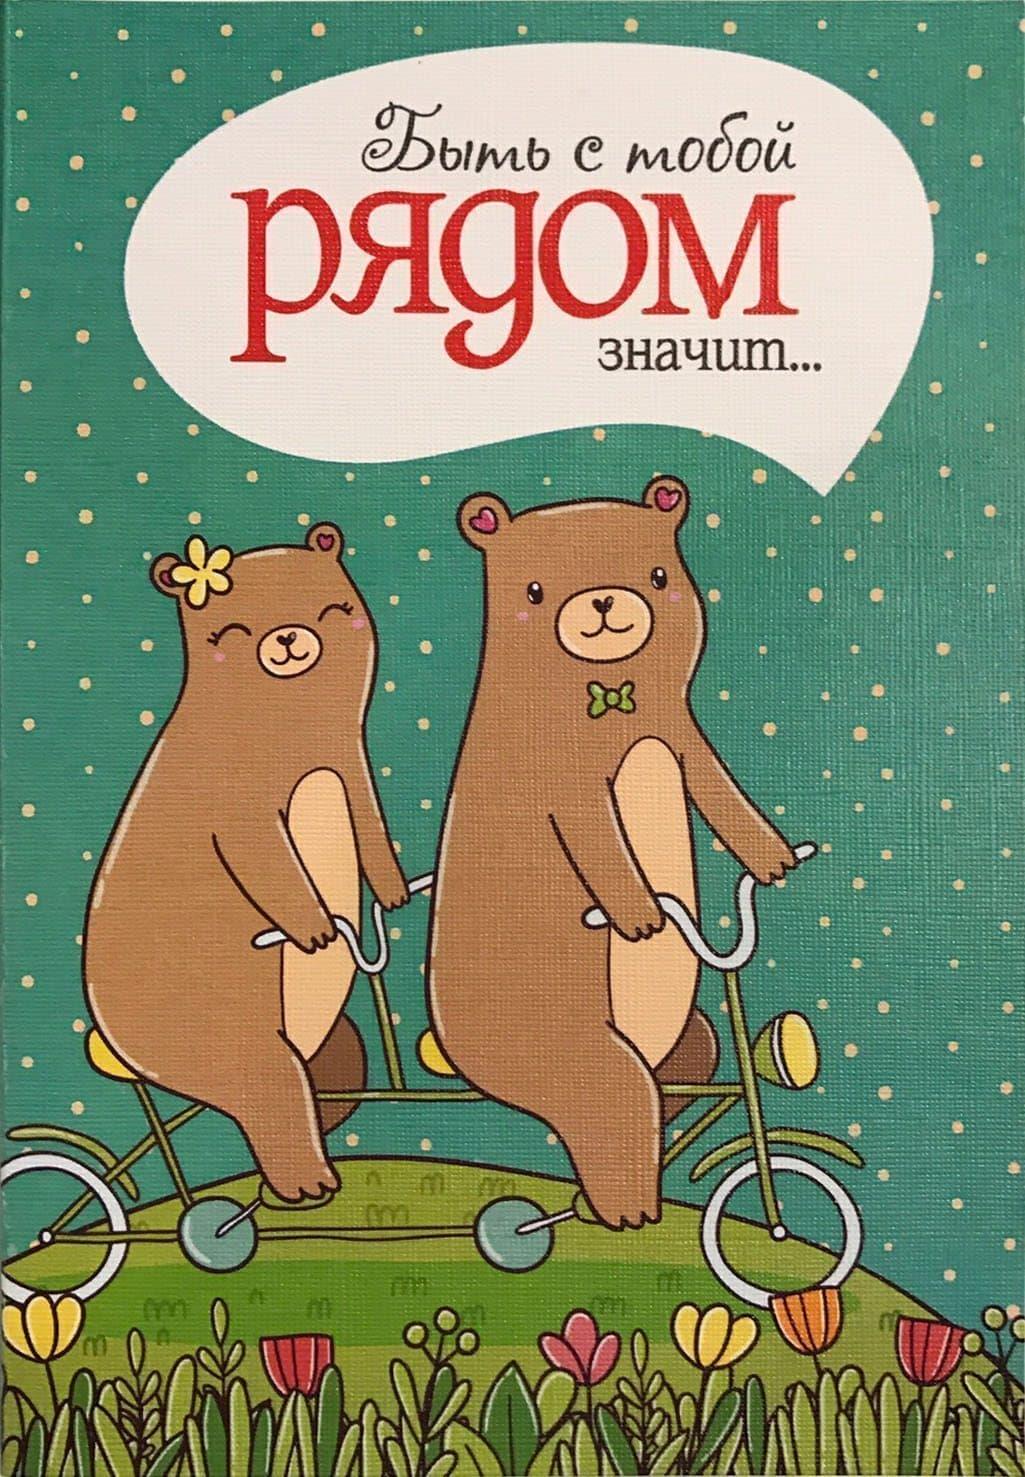 Шоколадная открытка Быть с тобой РядомОткрытки с шоколадками<br><br>